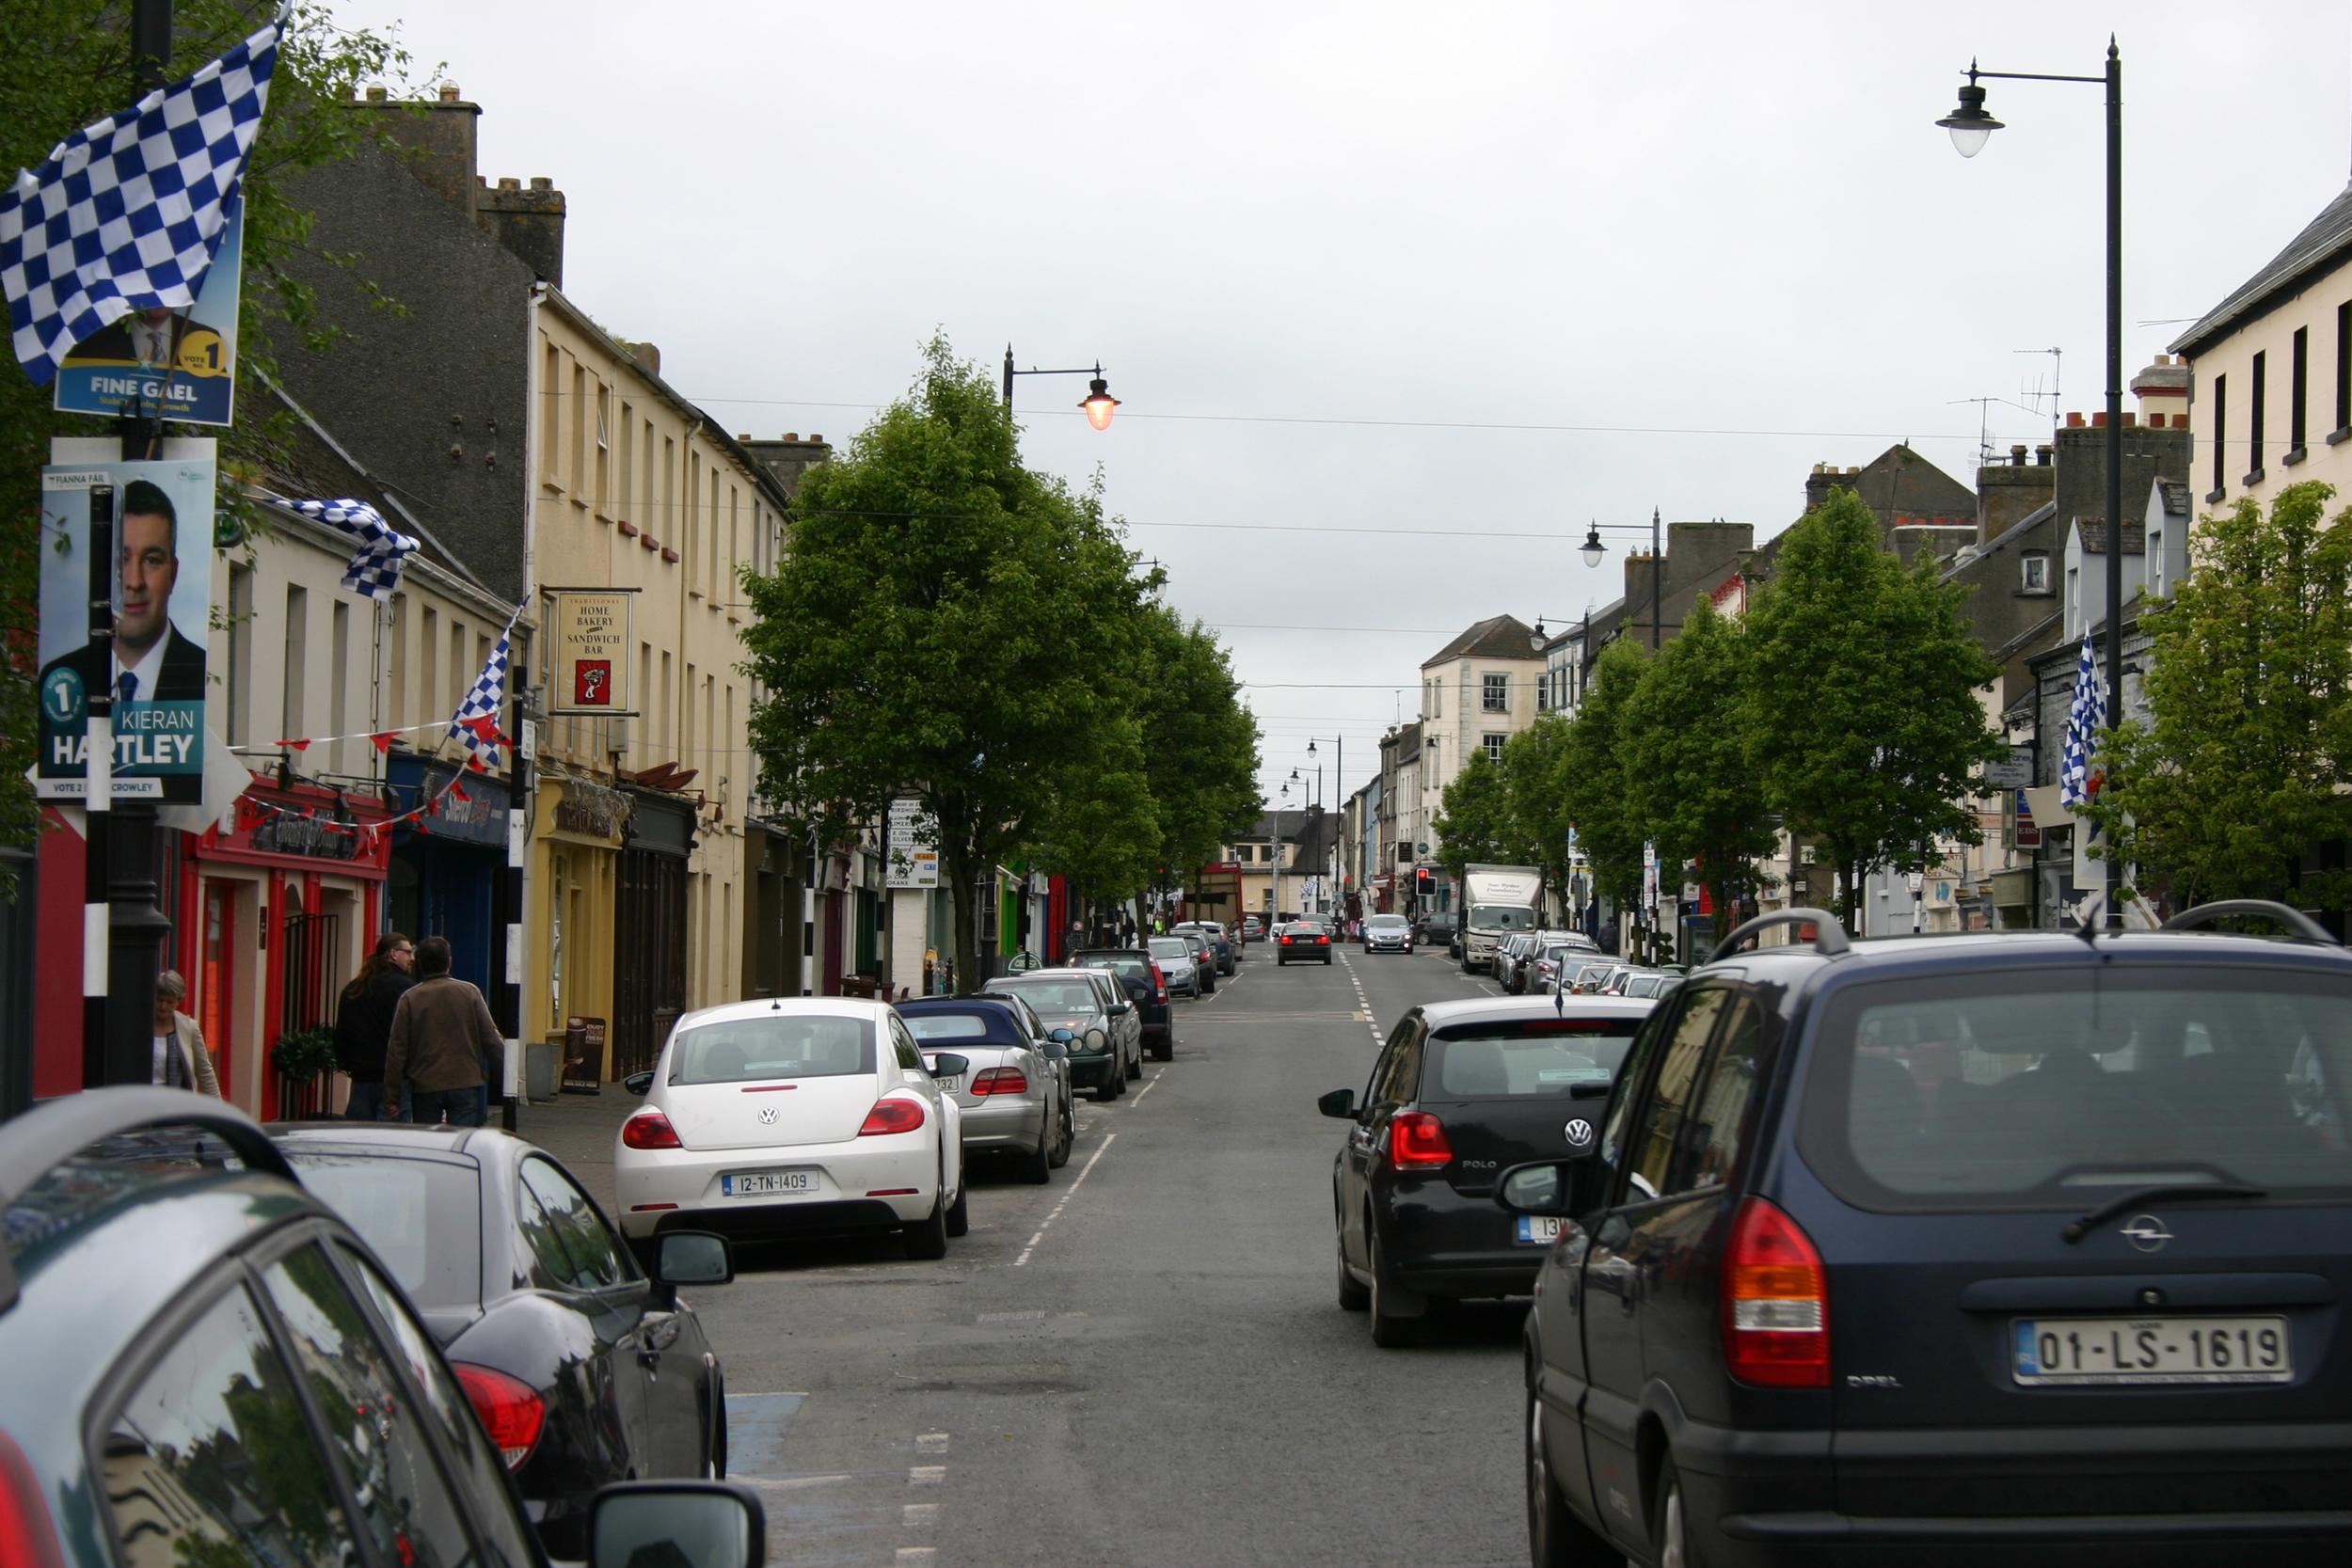 nenagh high street.jpg